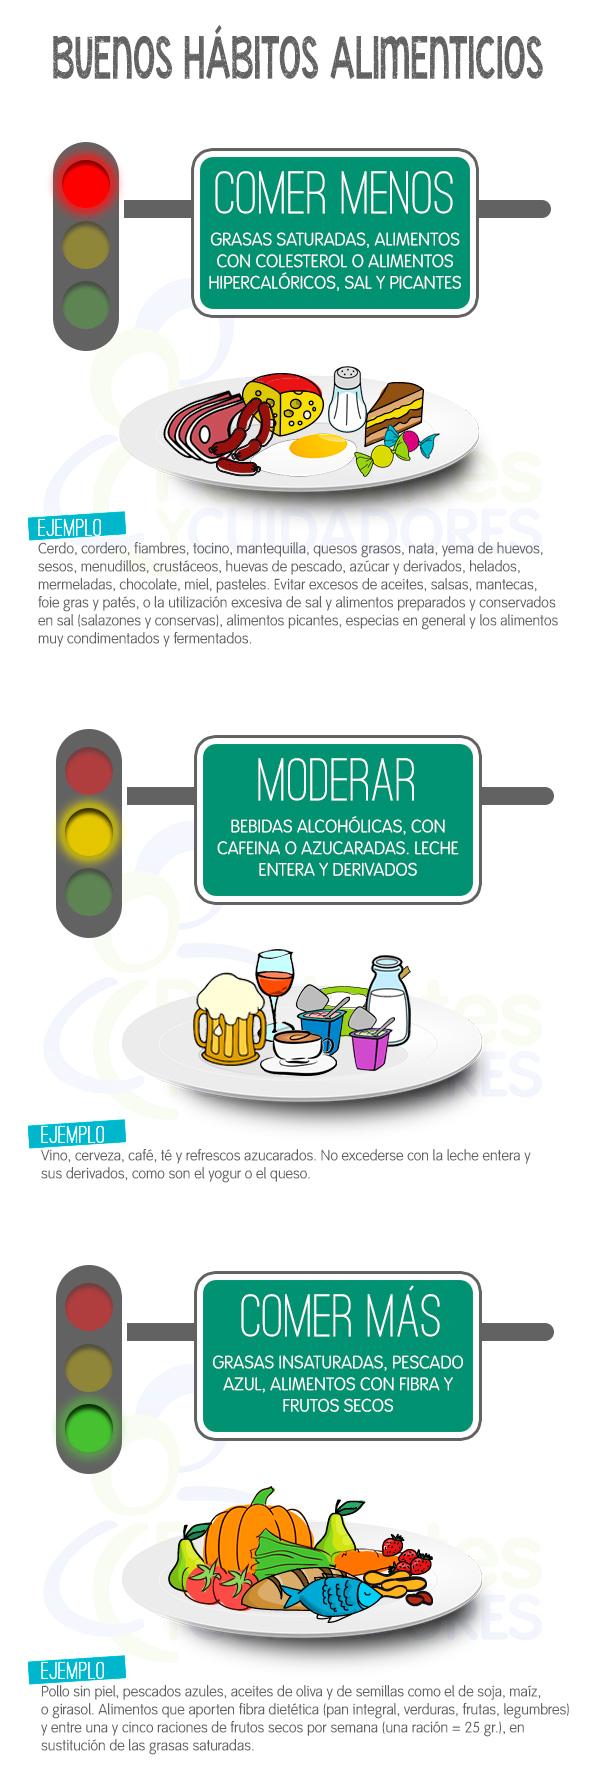 Qué alimentos comer, cúales moderar o evitar cuando nuestro colesterol está alto.